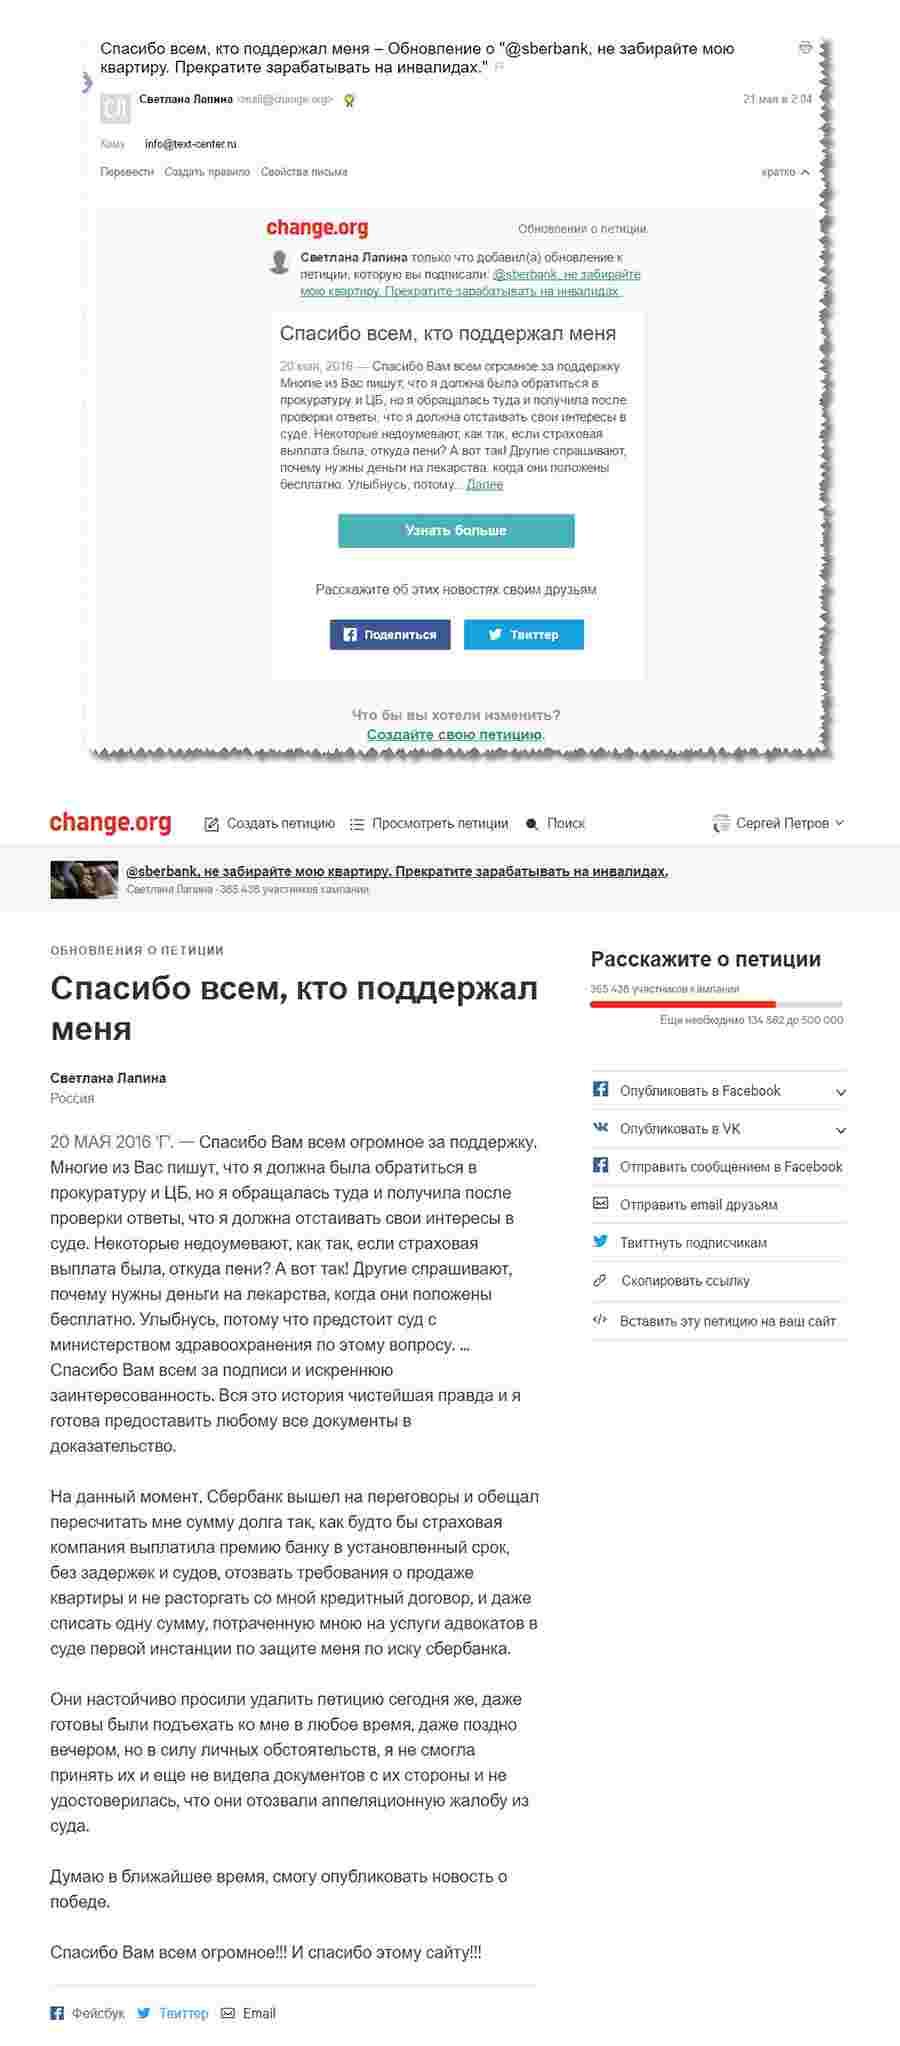 Светлана Лапина благодарит за поддержку